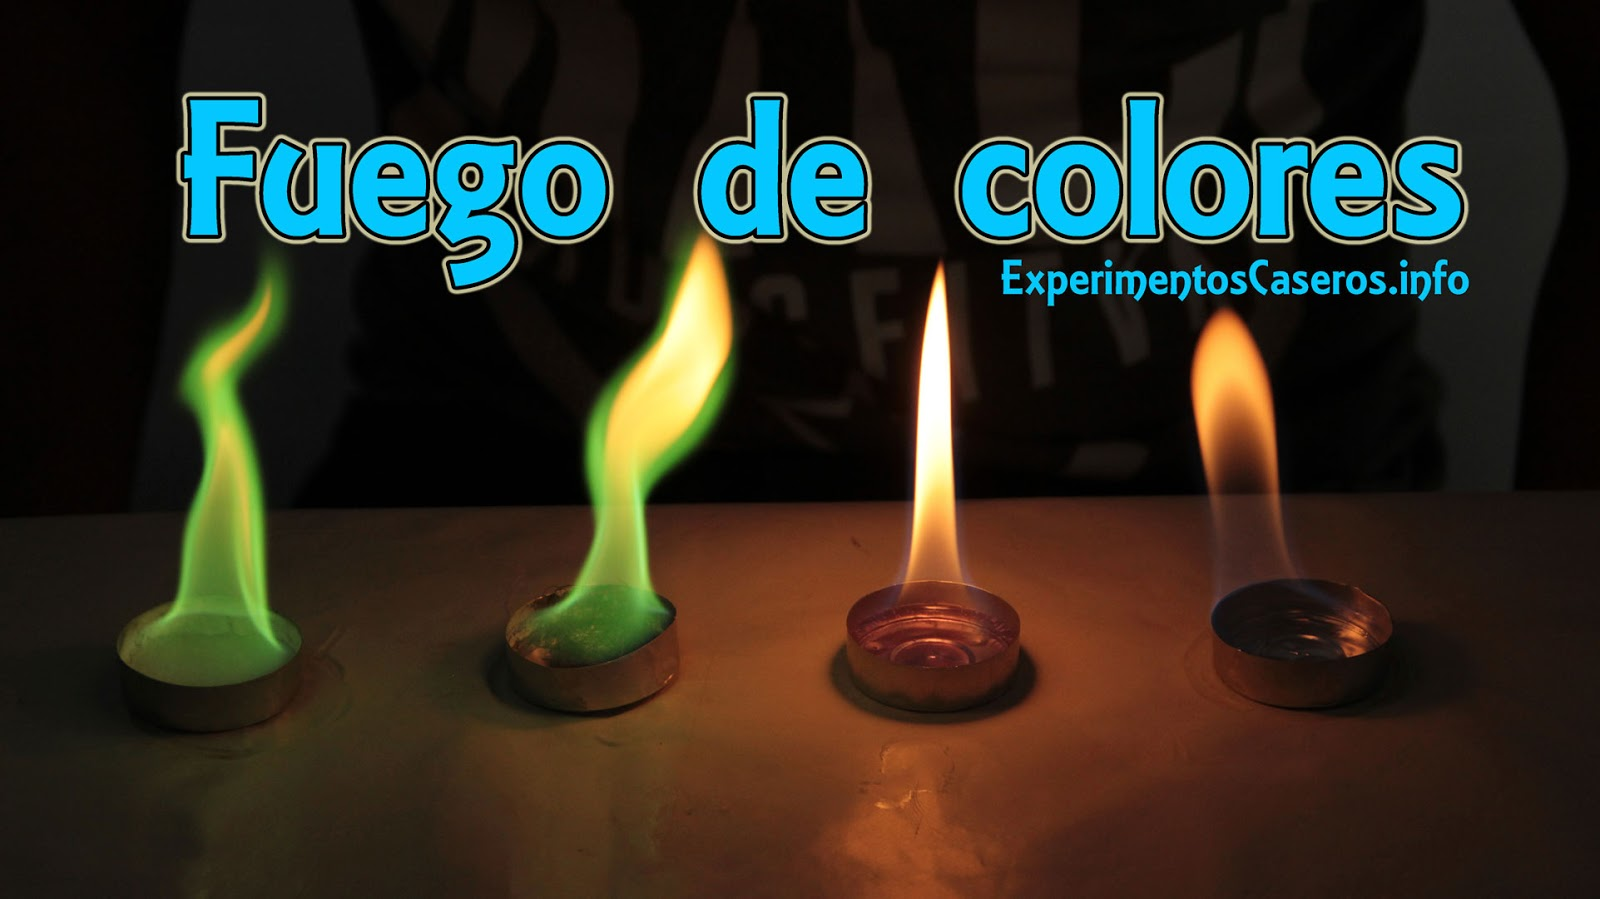 de2b43c130e Experimentos caseros  Cómo hacer fuego de colores